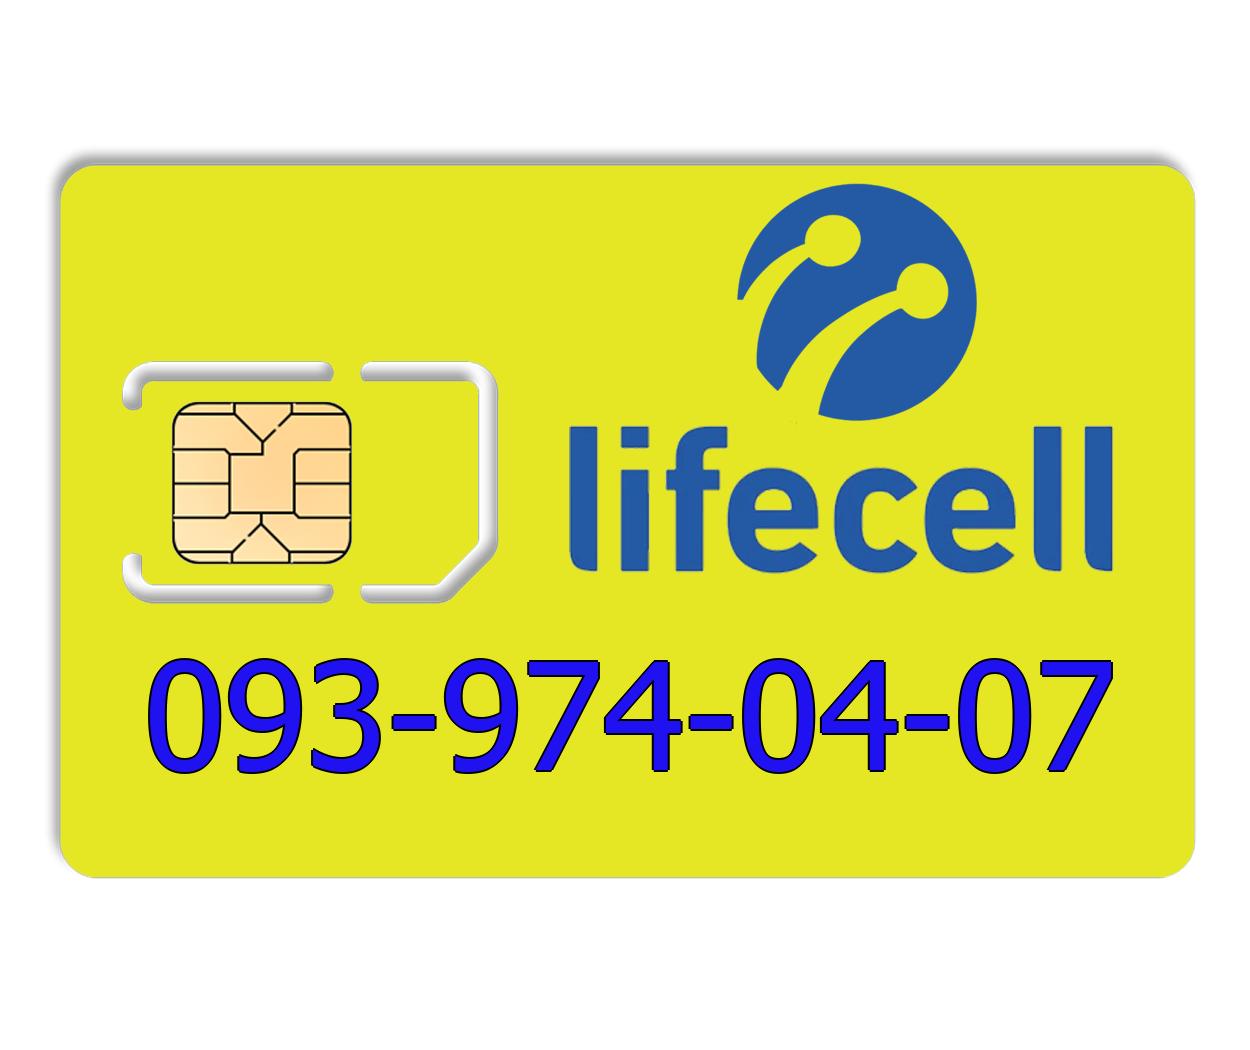 Красивый номер lifecell 093-974-04-07